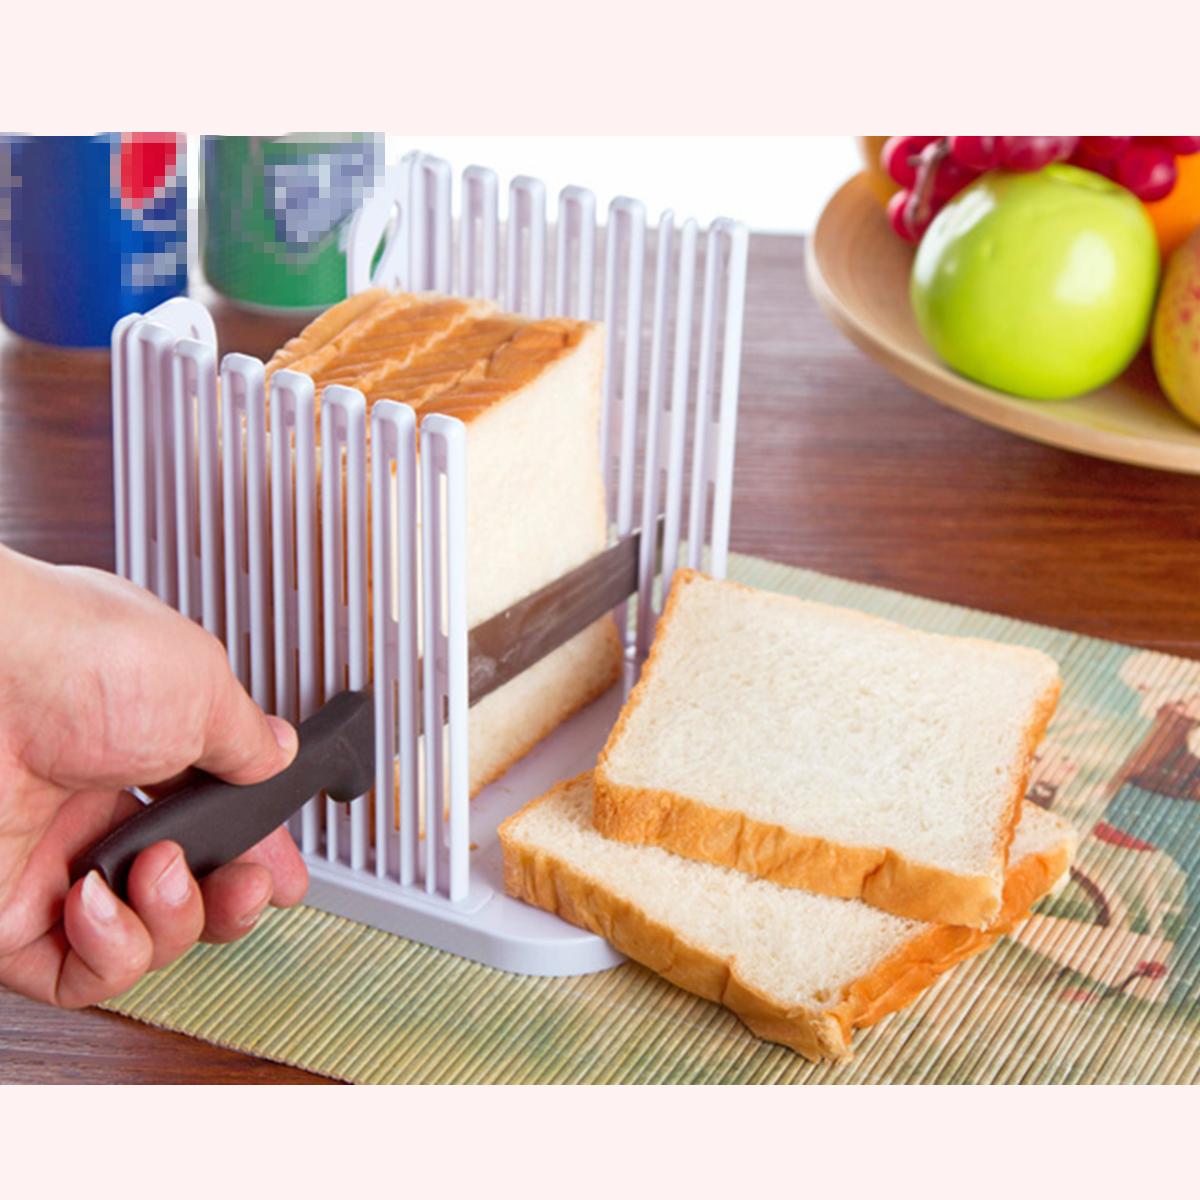 Bread Slicer Cutter Foldable and Adjustable Bread Toast Slicer Bagel Slicer Loaf Sandwich Bread Slicer Toast Slice Cutter Mold